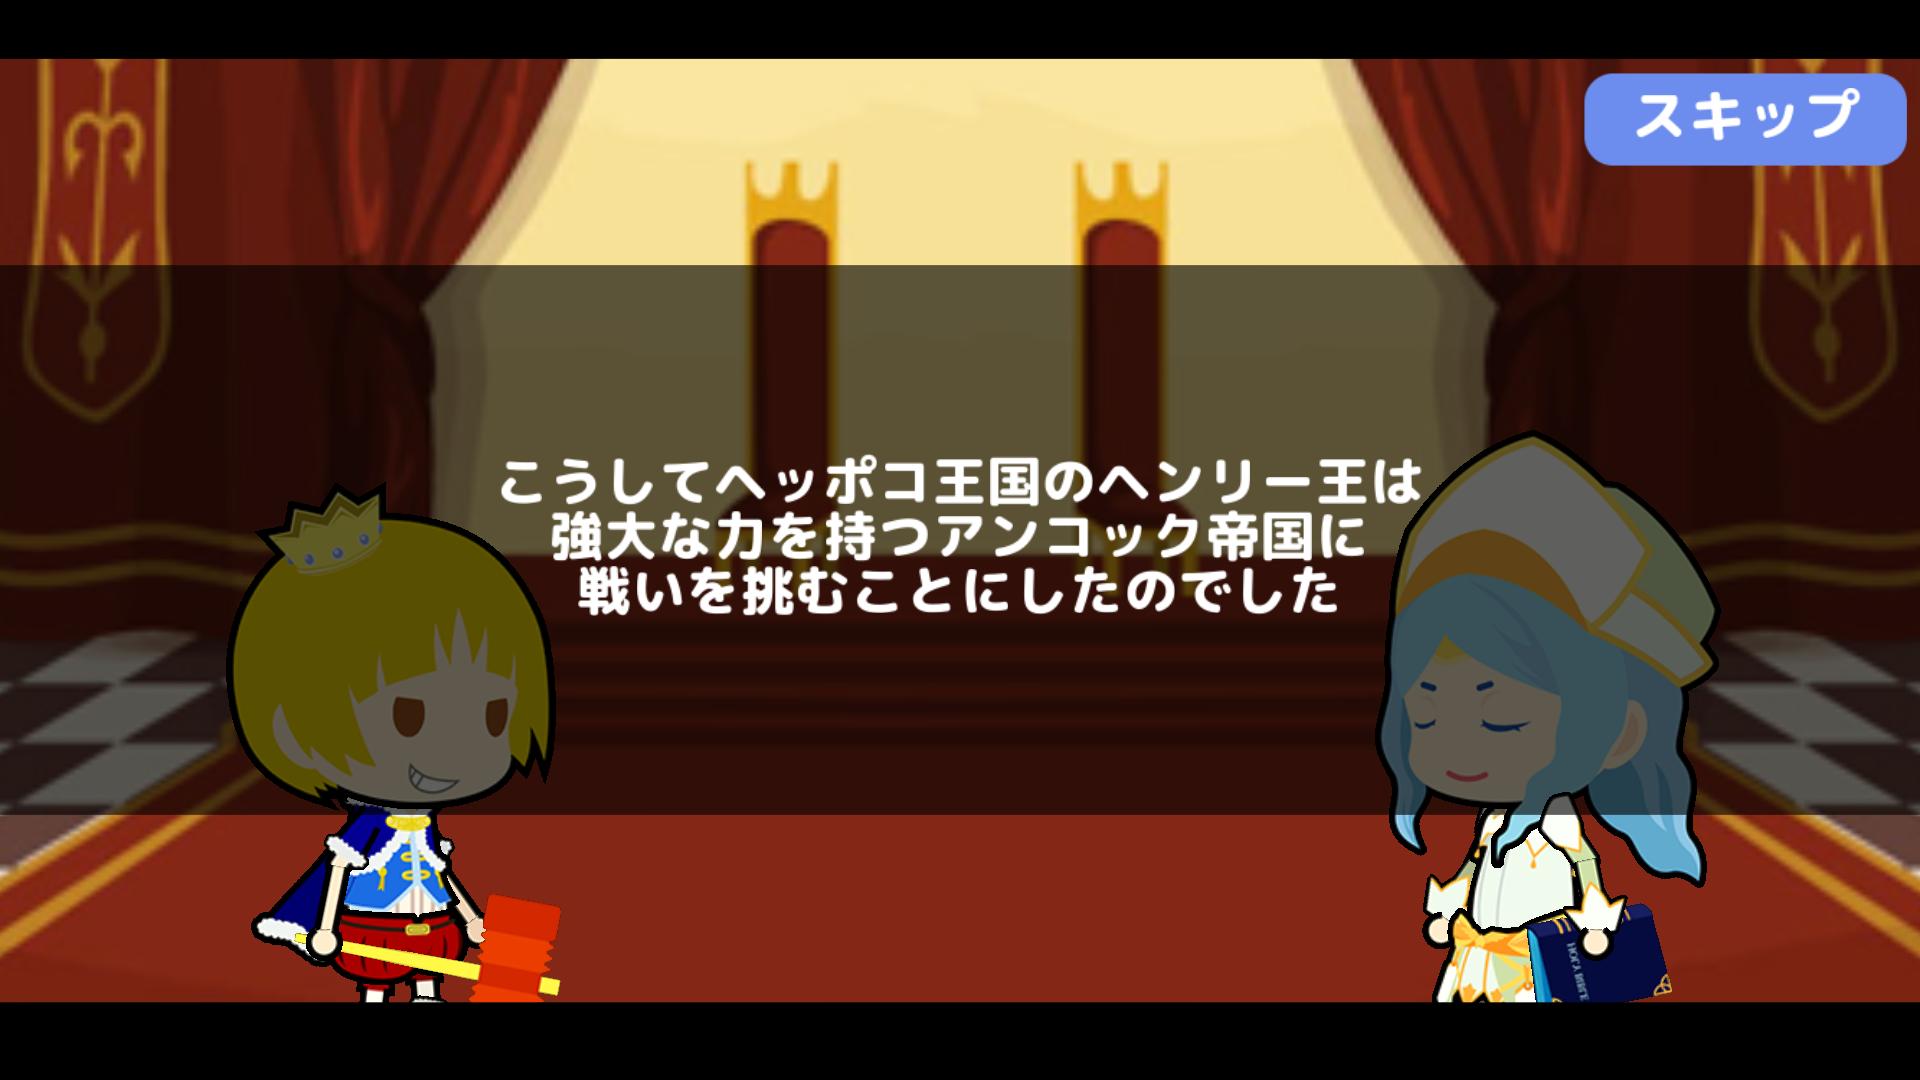 androidアプリ 乱闘!ゴチャキャラうぉーず攻略スクリーンショット2